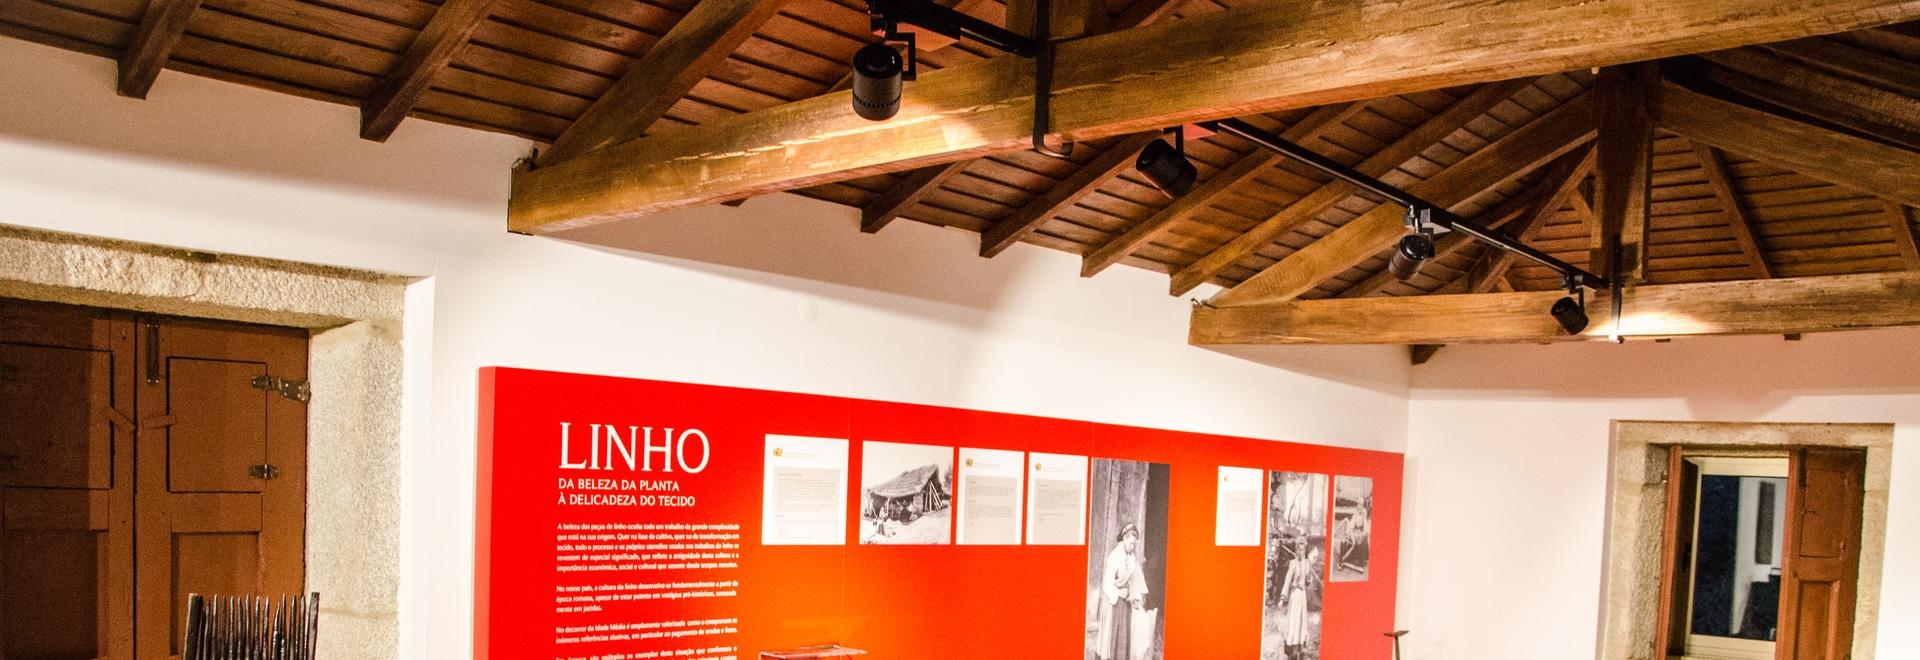 Il museo di Urrô